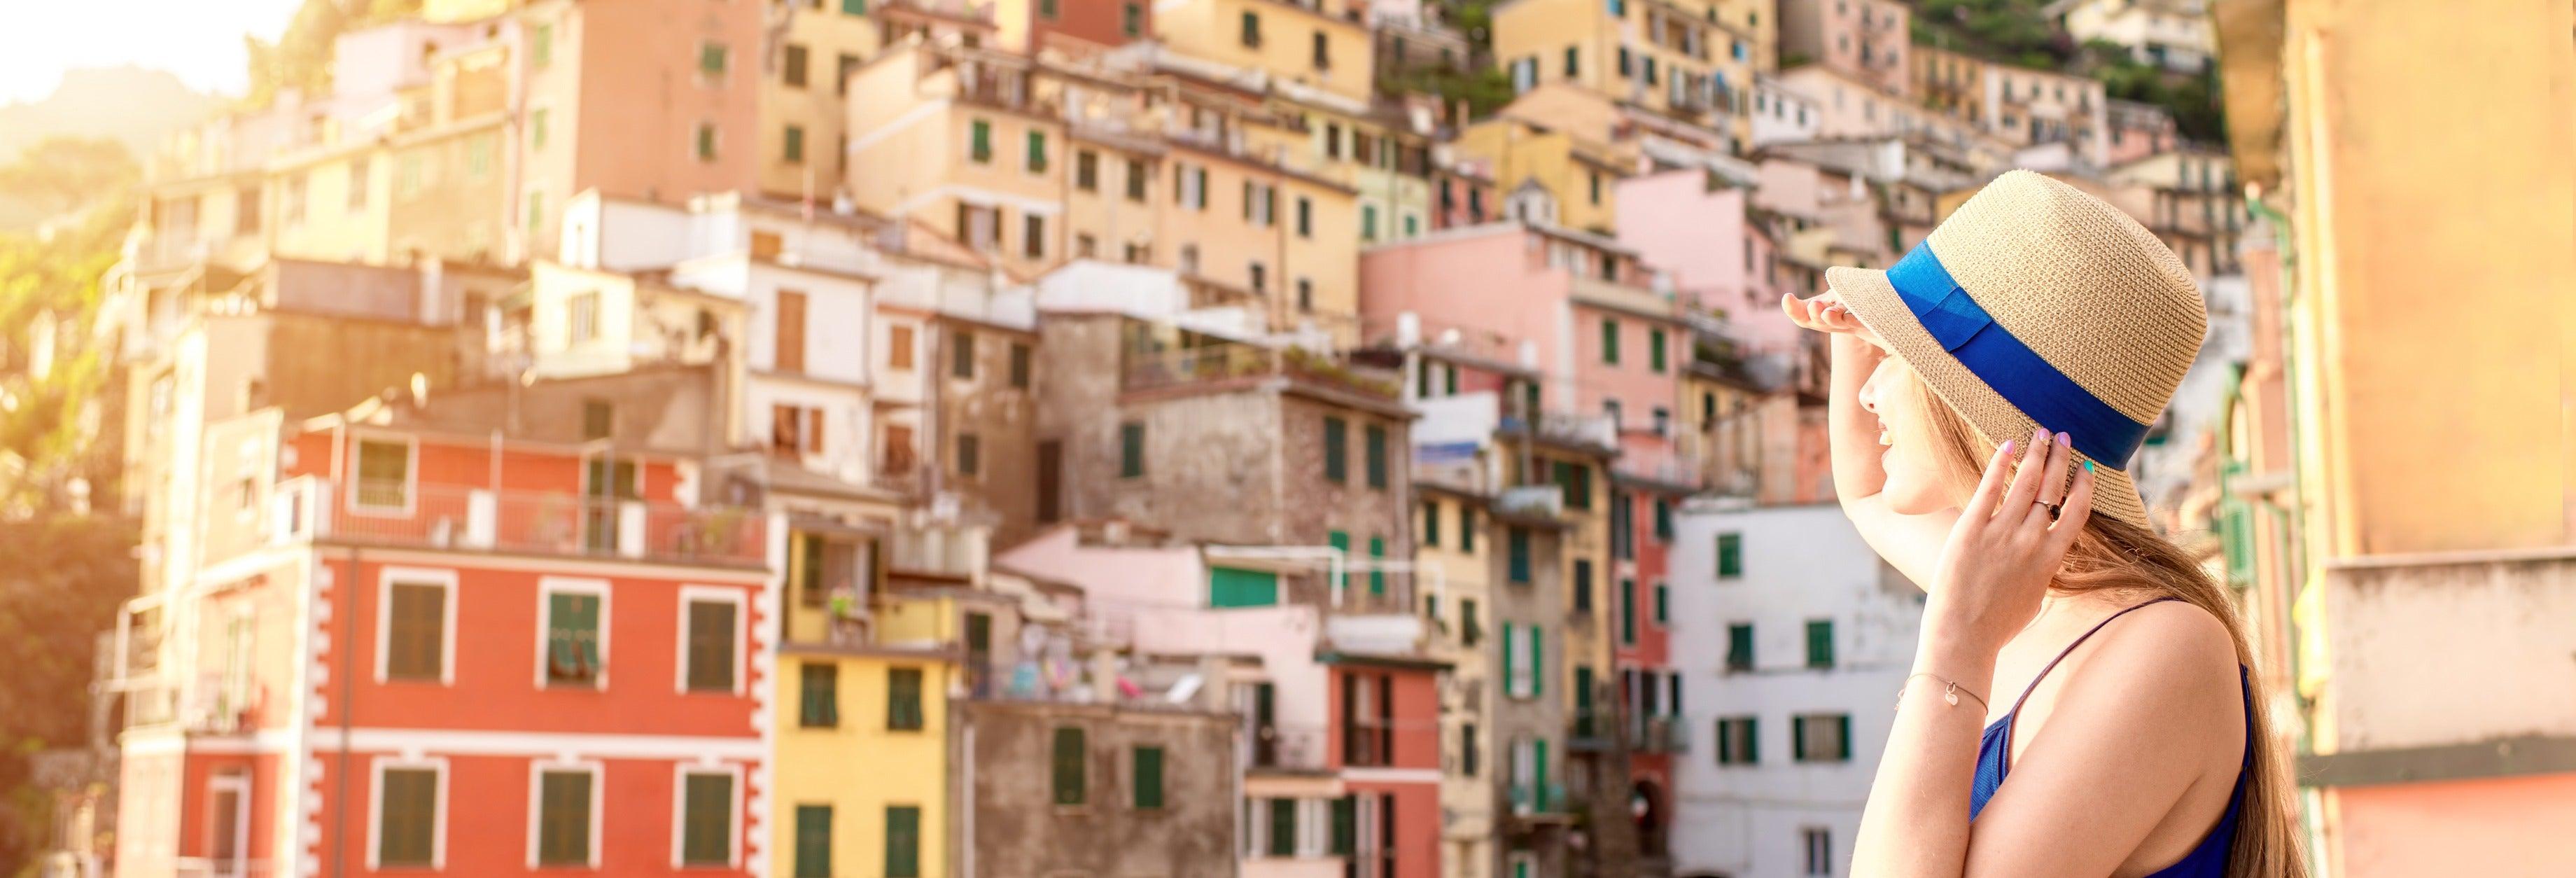 Excursión a las Cinque Terre